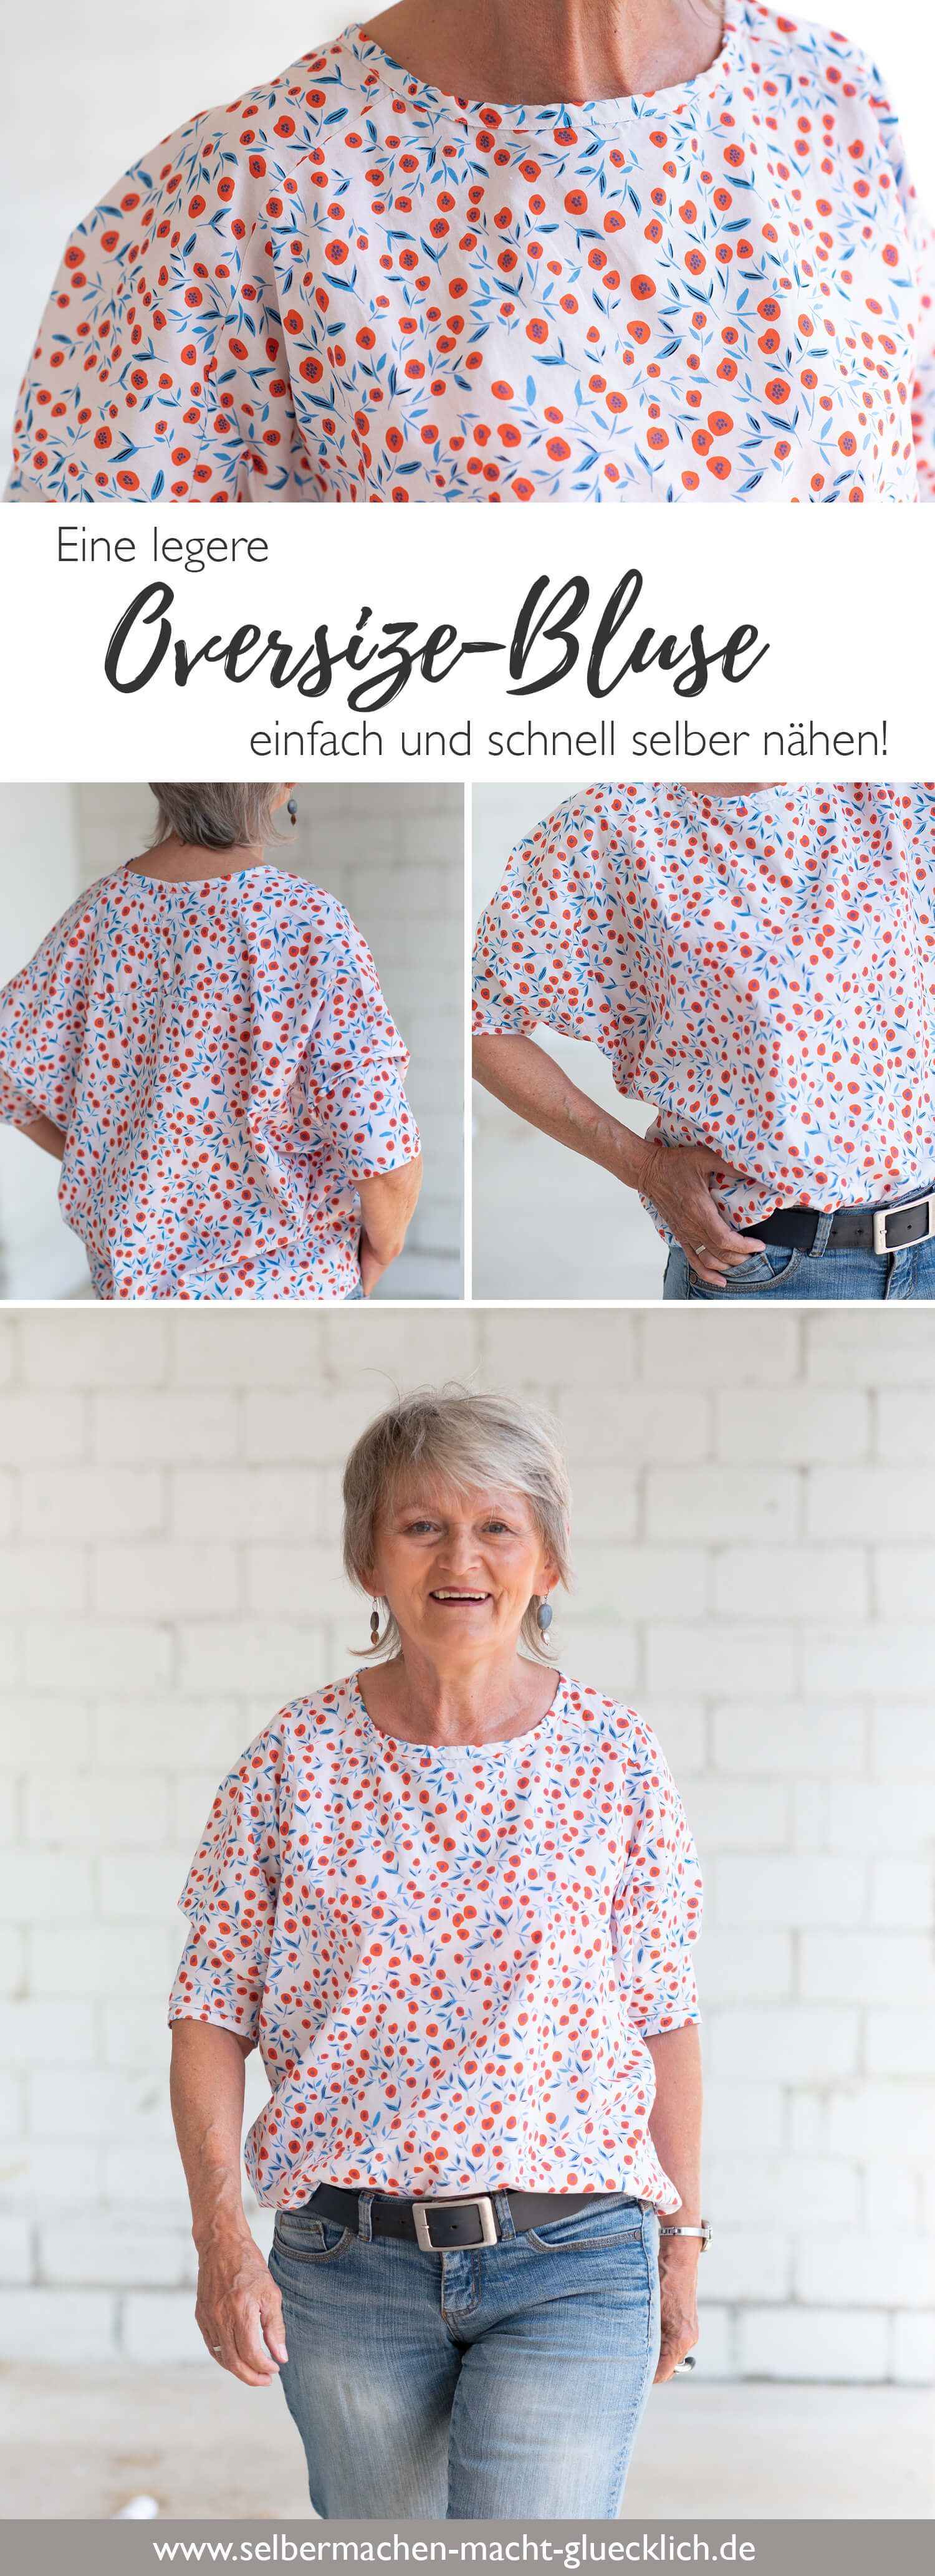 Eine legere Oversize-Bluse einfach selber nähen! – Nähblog